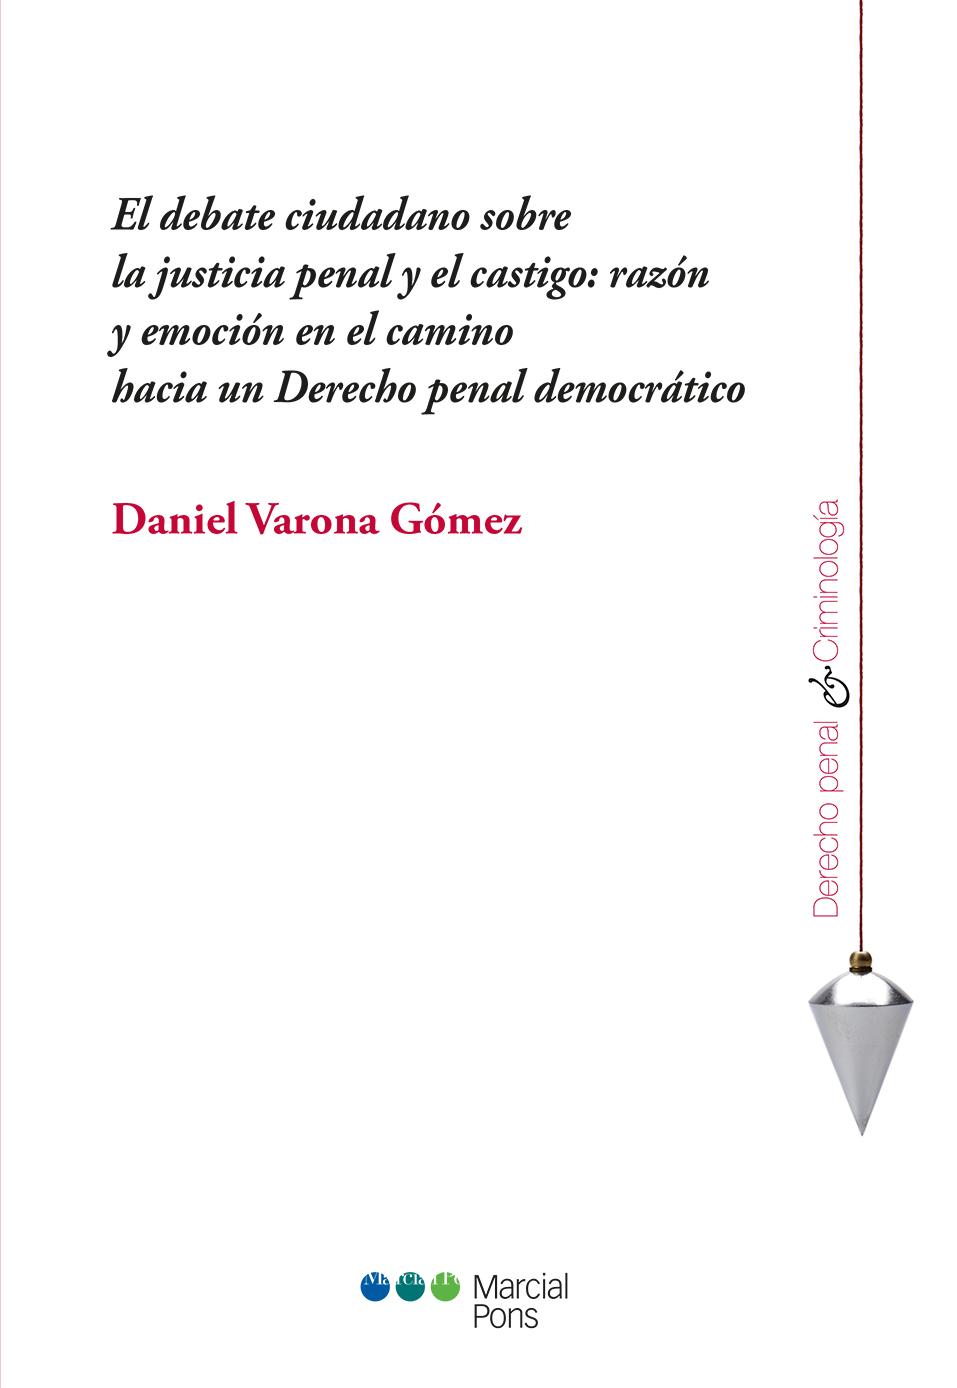 Portada del libro El debate ciudadano sobre la justicia penal y el castigo: razón y emoción en el camino hacia un Derecho penal democrático